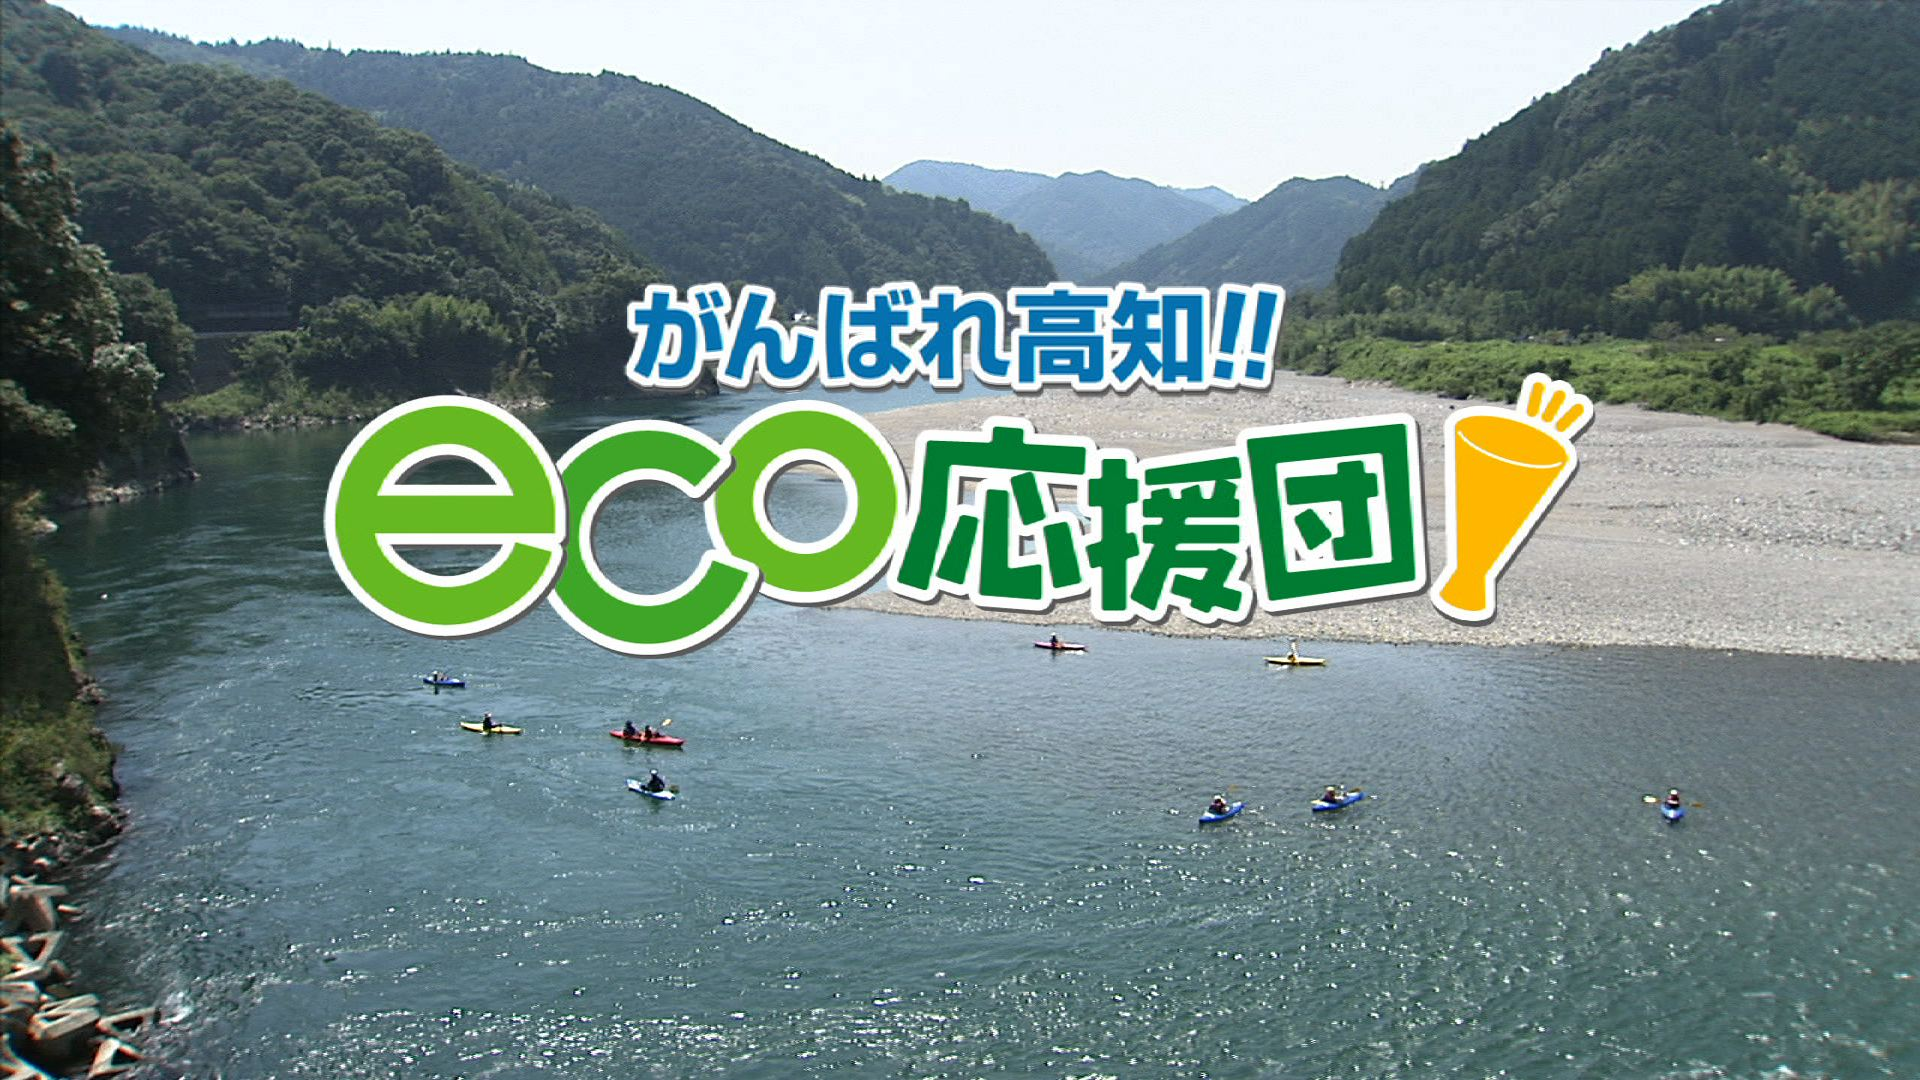 がんばれ高知!eco応援団